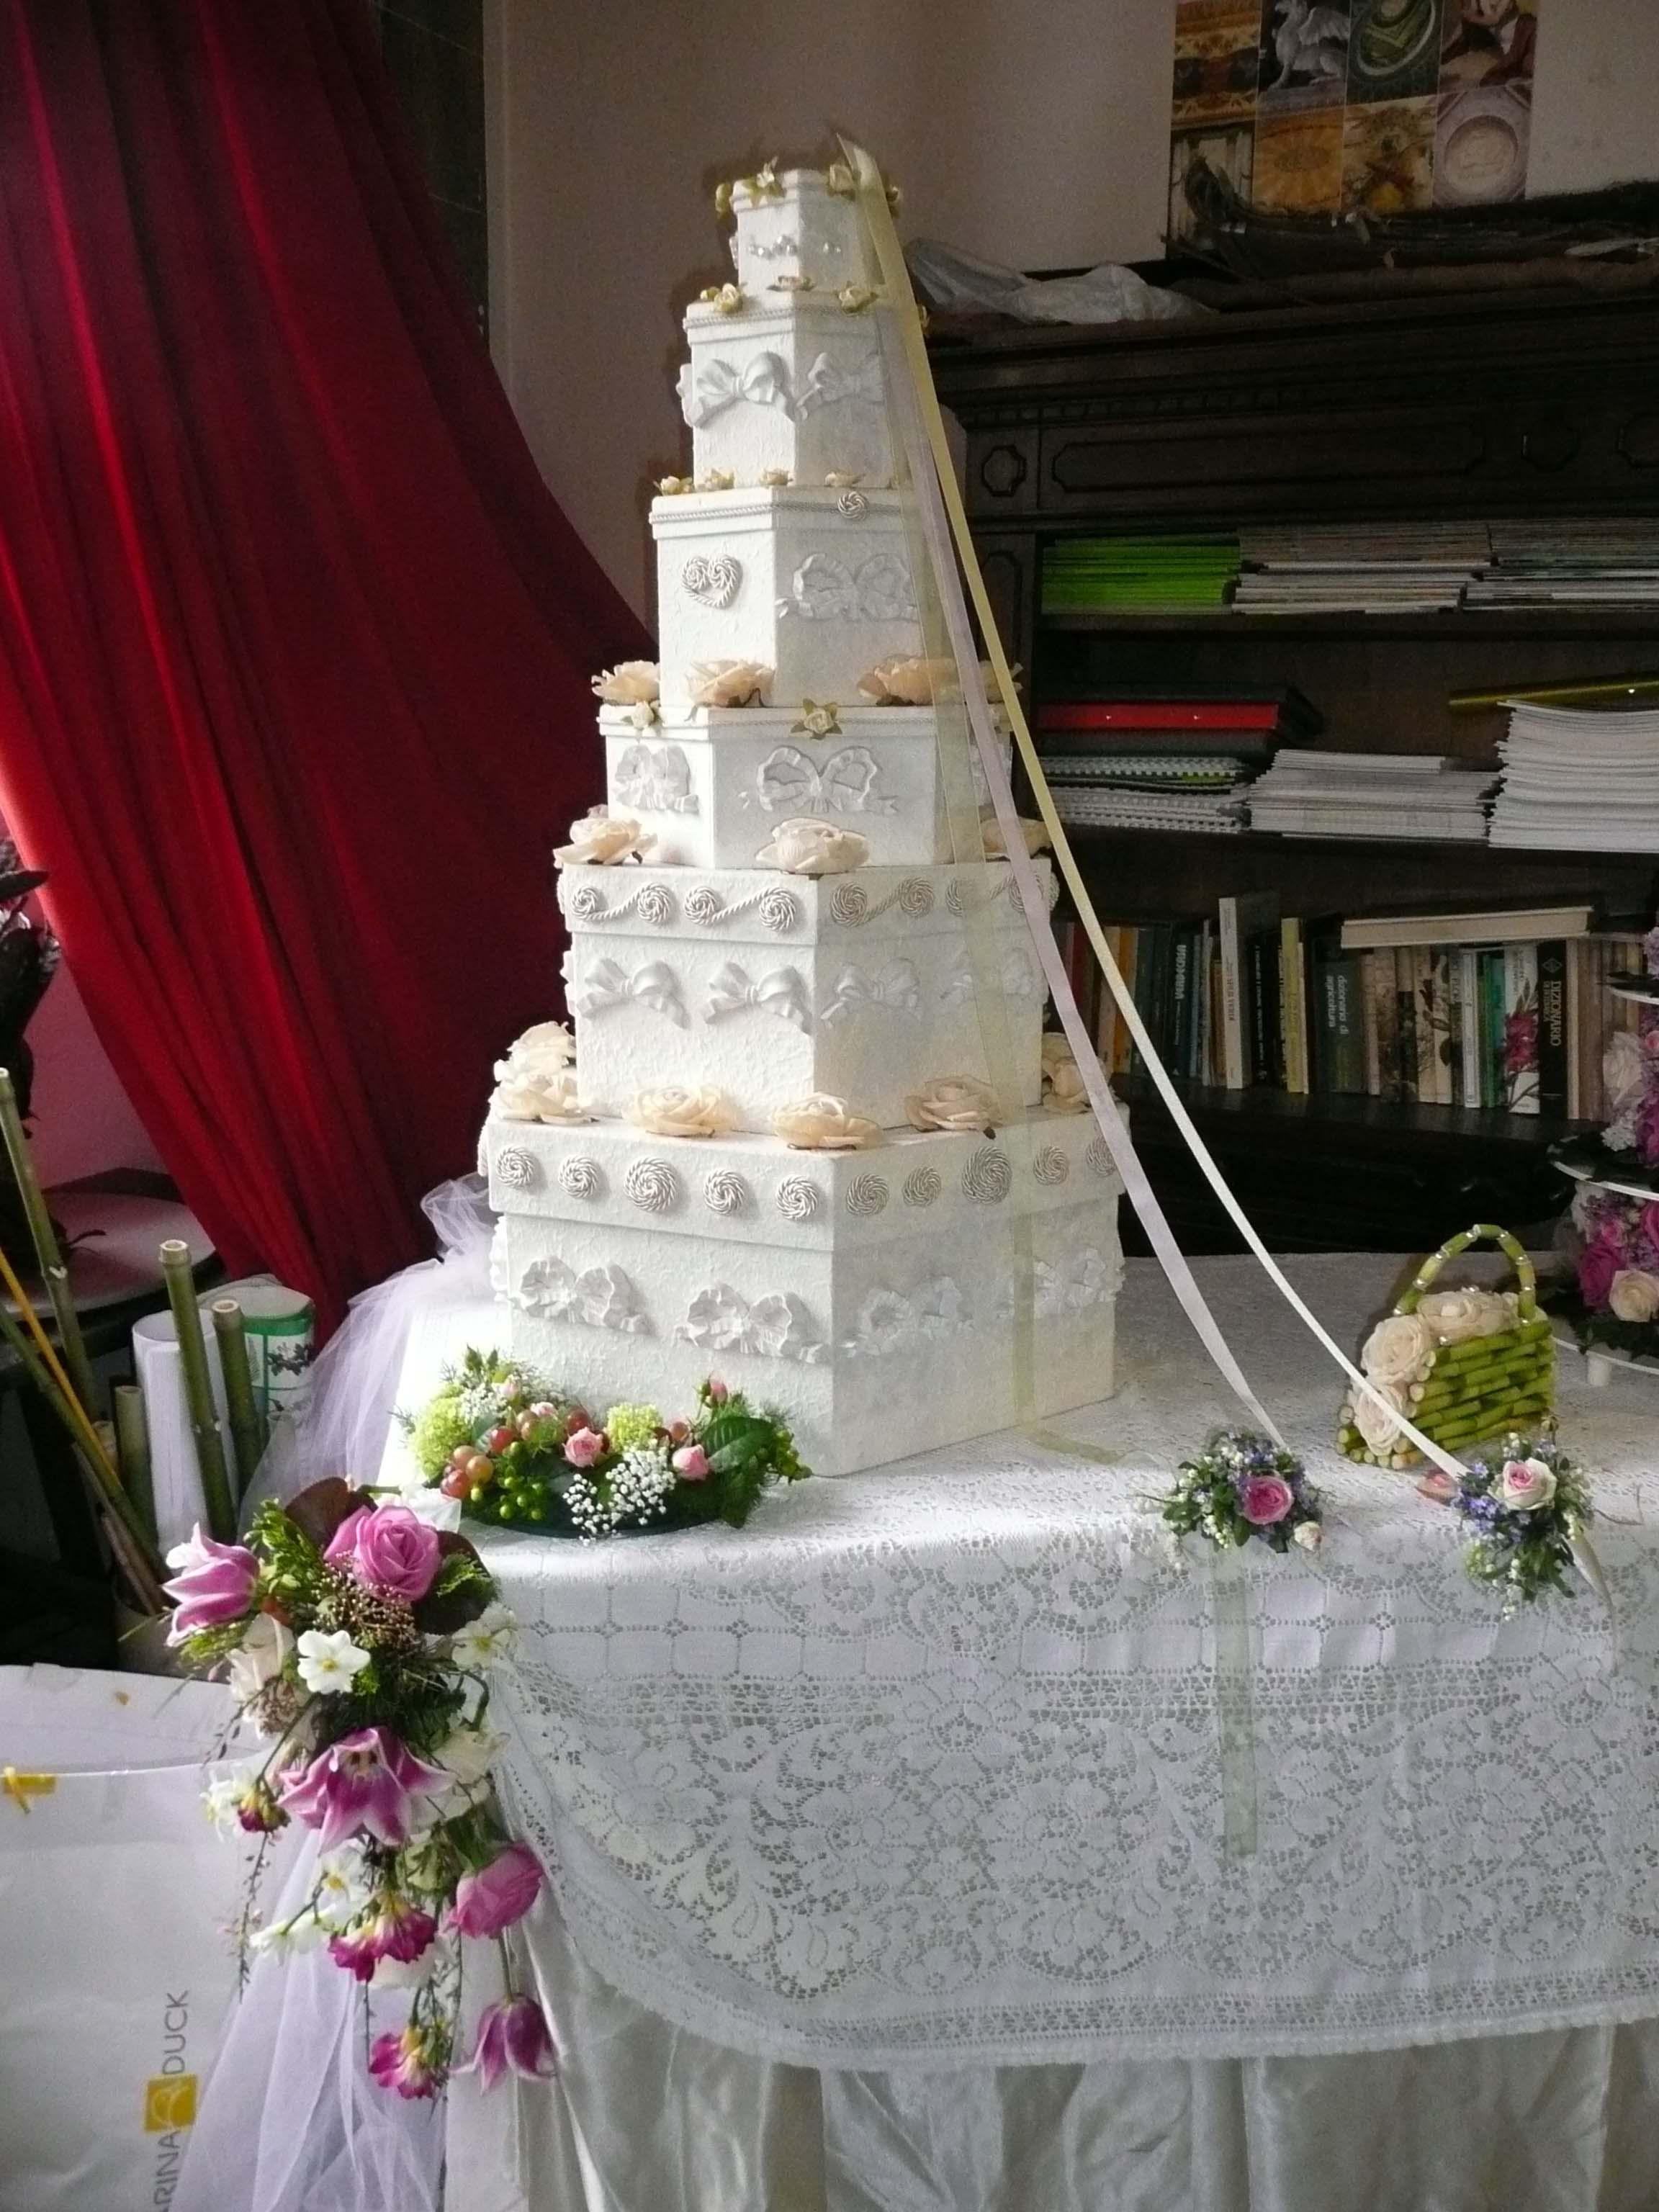 Tavola degli sposi, Lezione Quattro matrimoni e un funerale, 2012